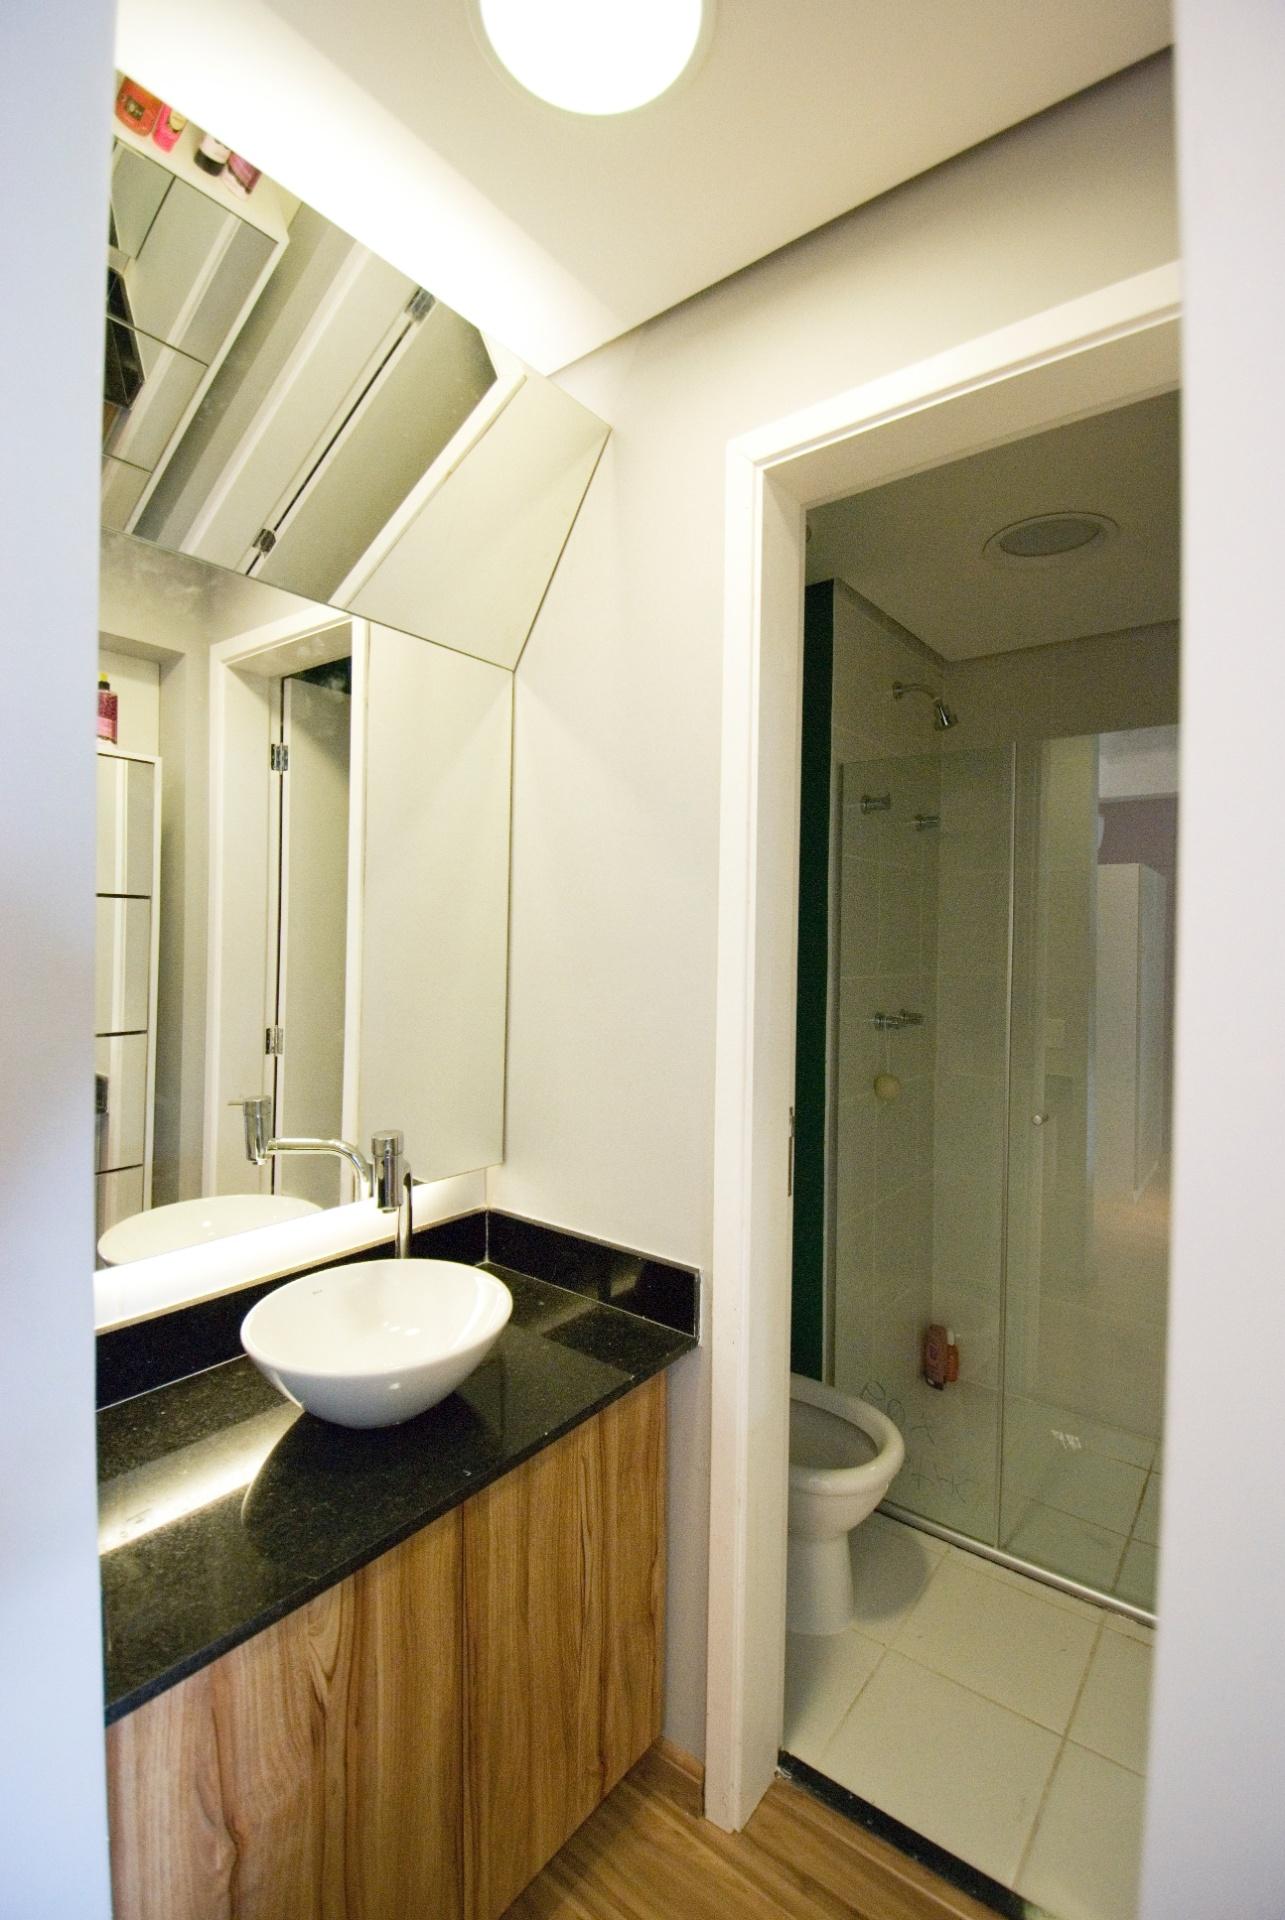 Banheiros pequenos: dicas de decoração para quem tem pouco espaço  #694B1E 1285 1920